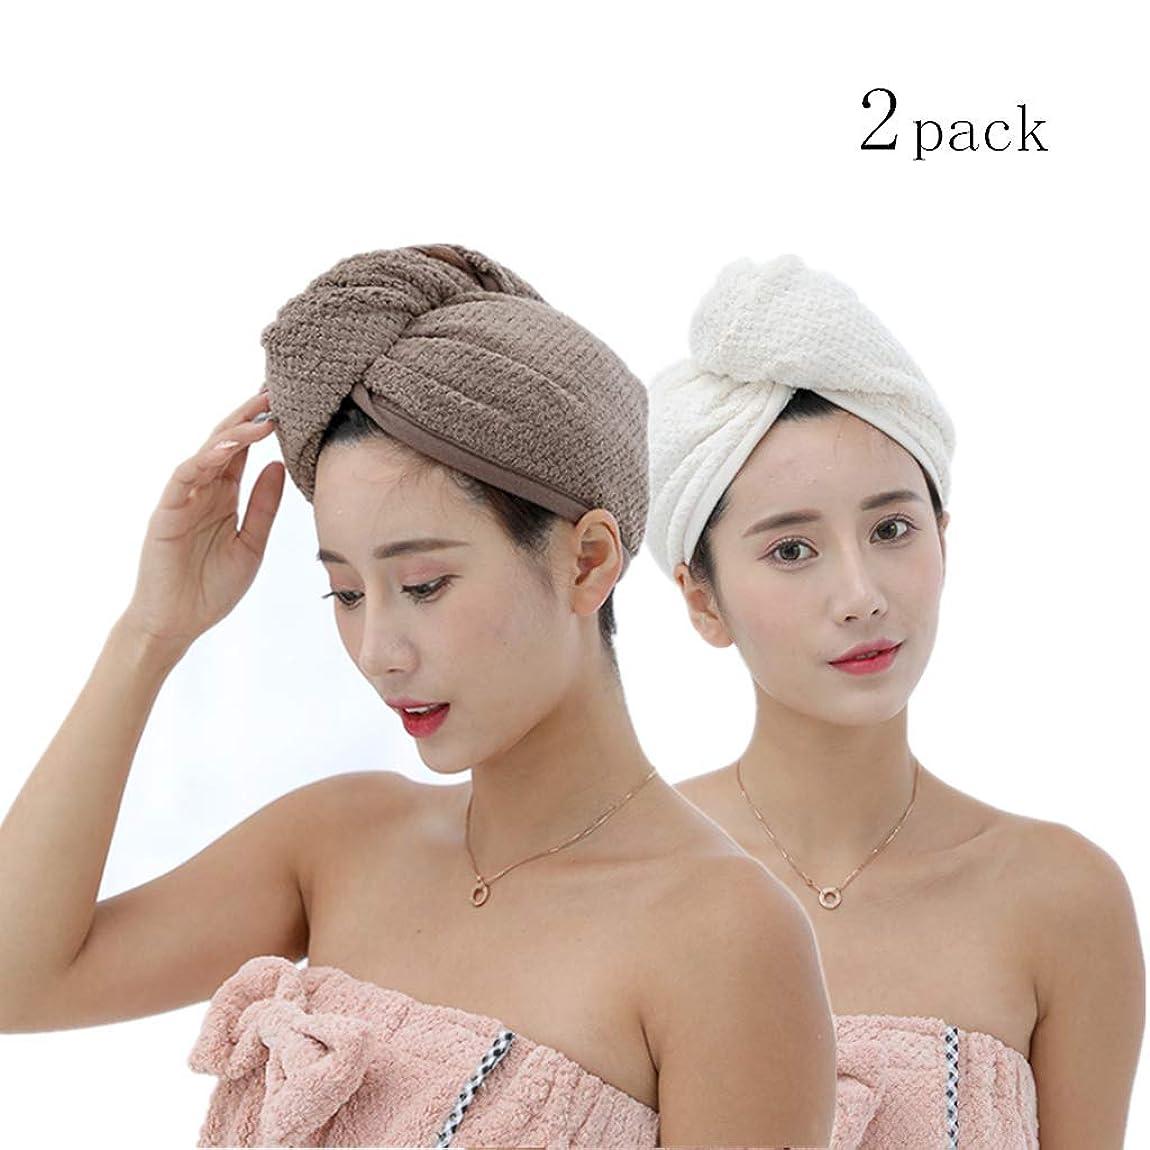 涙未使用灌漑2パックヘアタオルラップ、ボタン付きヘアドライヤータオル、マイクロファイバーヘアタオル、乾いた髪の帽子、バスヘアキャップ